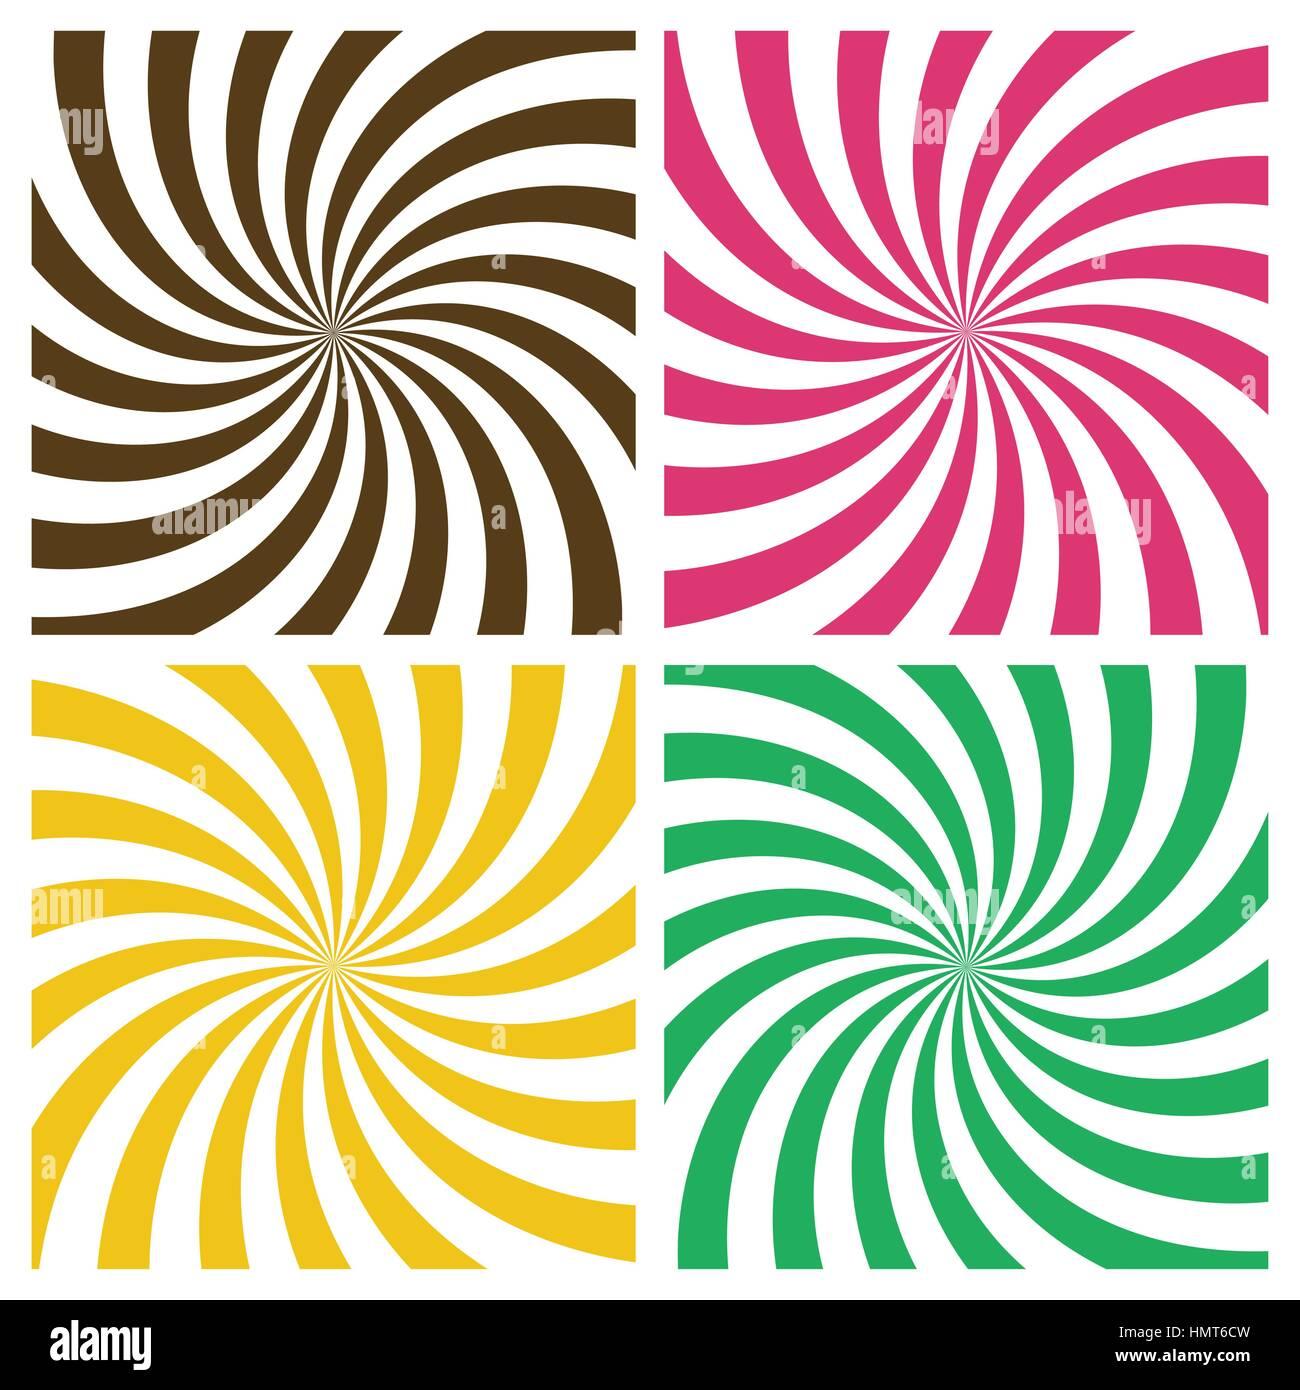 Gestreifte radial Wirbel Hintergründe gesetzt. Retro-Stil Farbe ...